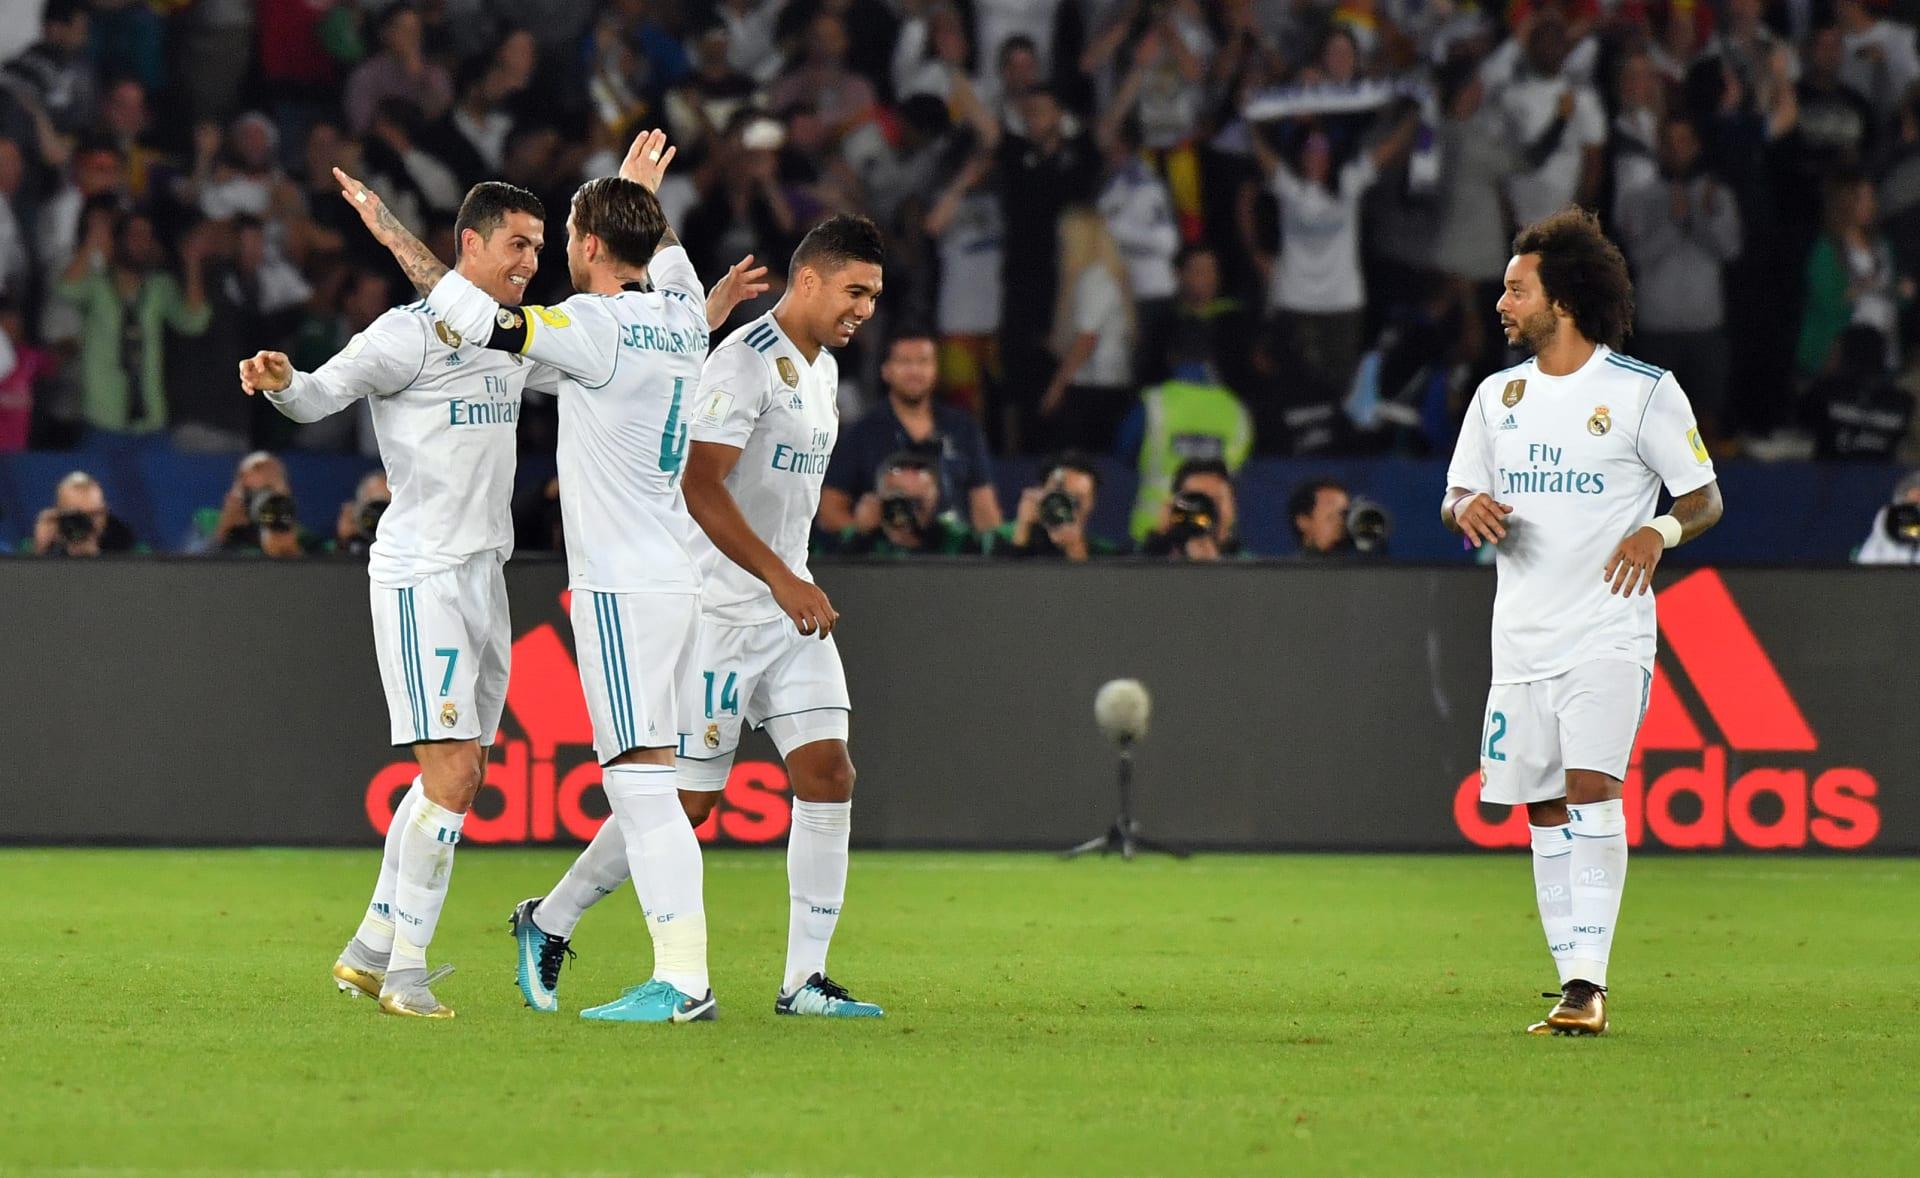 ريال مدريد بطلا لكأس العالم للأندية للمرة الثانية على التوالي